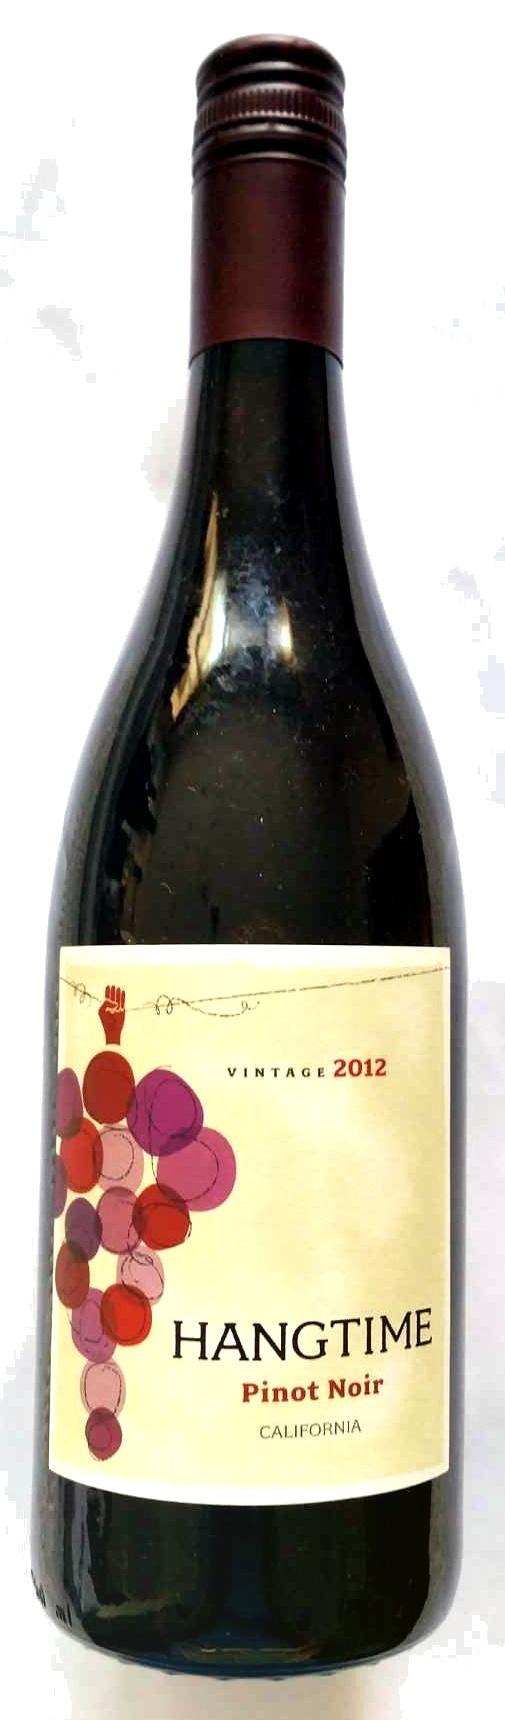 Hangtime Pinot Noir - Product - fr